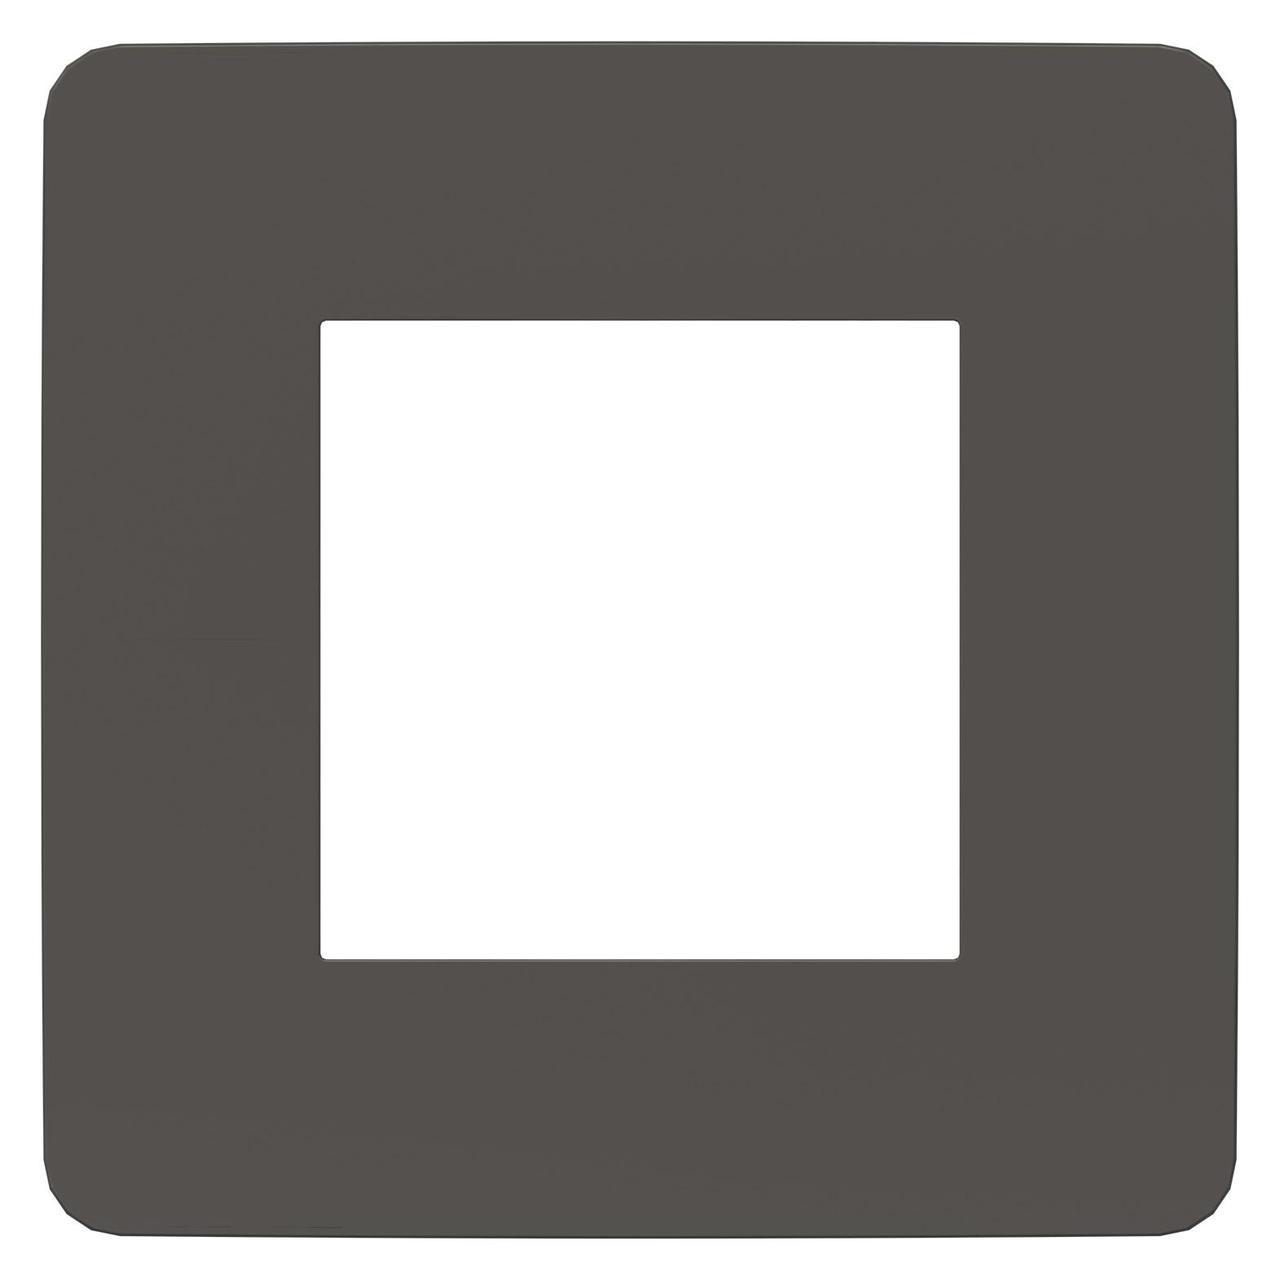 Рамка 1-ая (одинарная), Дымчато-серый/Белый, серия Unica Studio, Schneider Electric